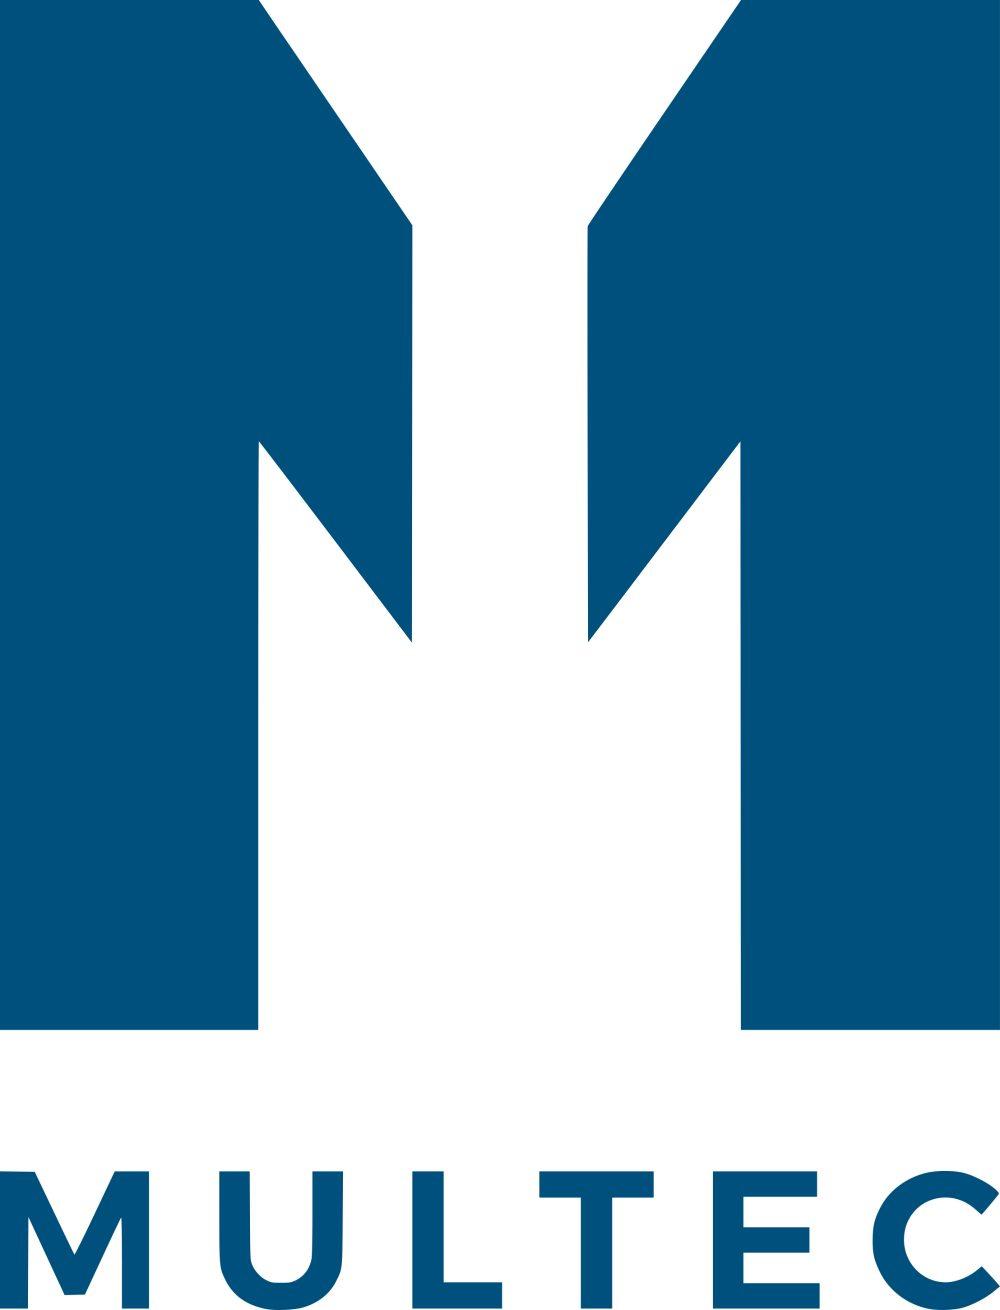 Multec_Logo_RAL5010_jpg.jpg